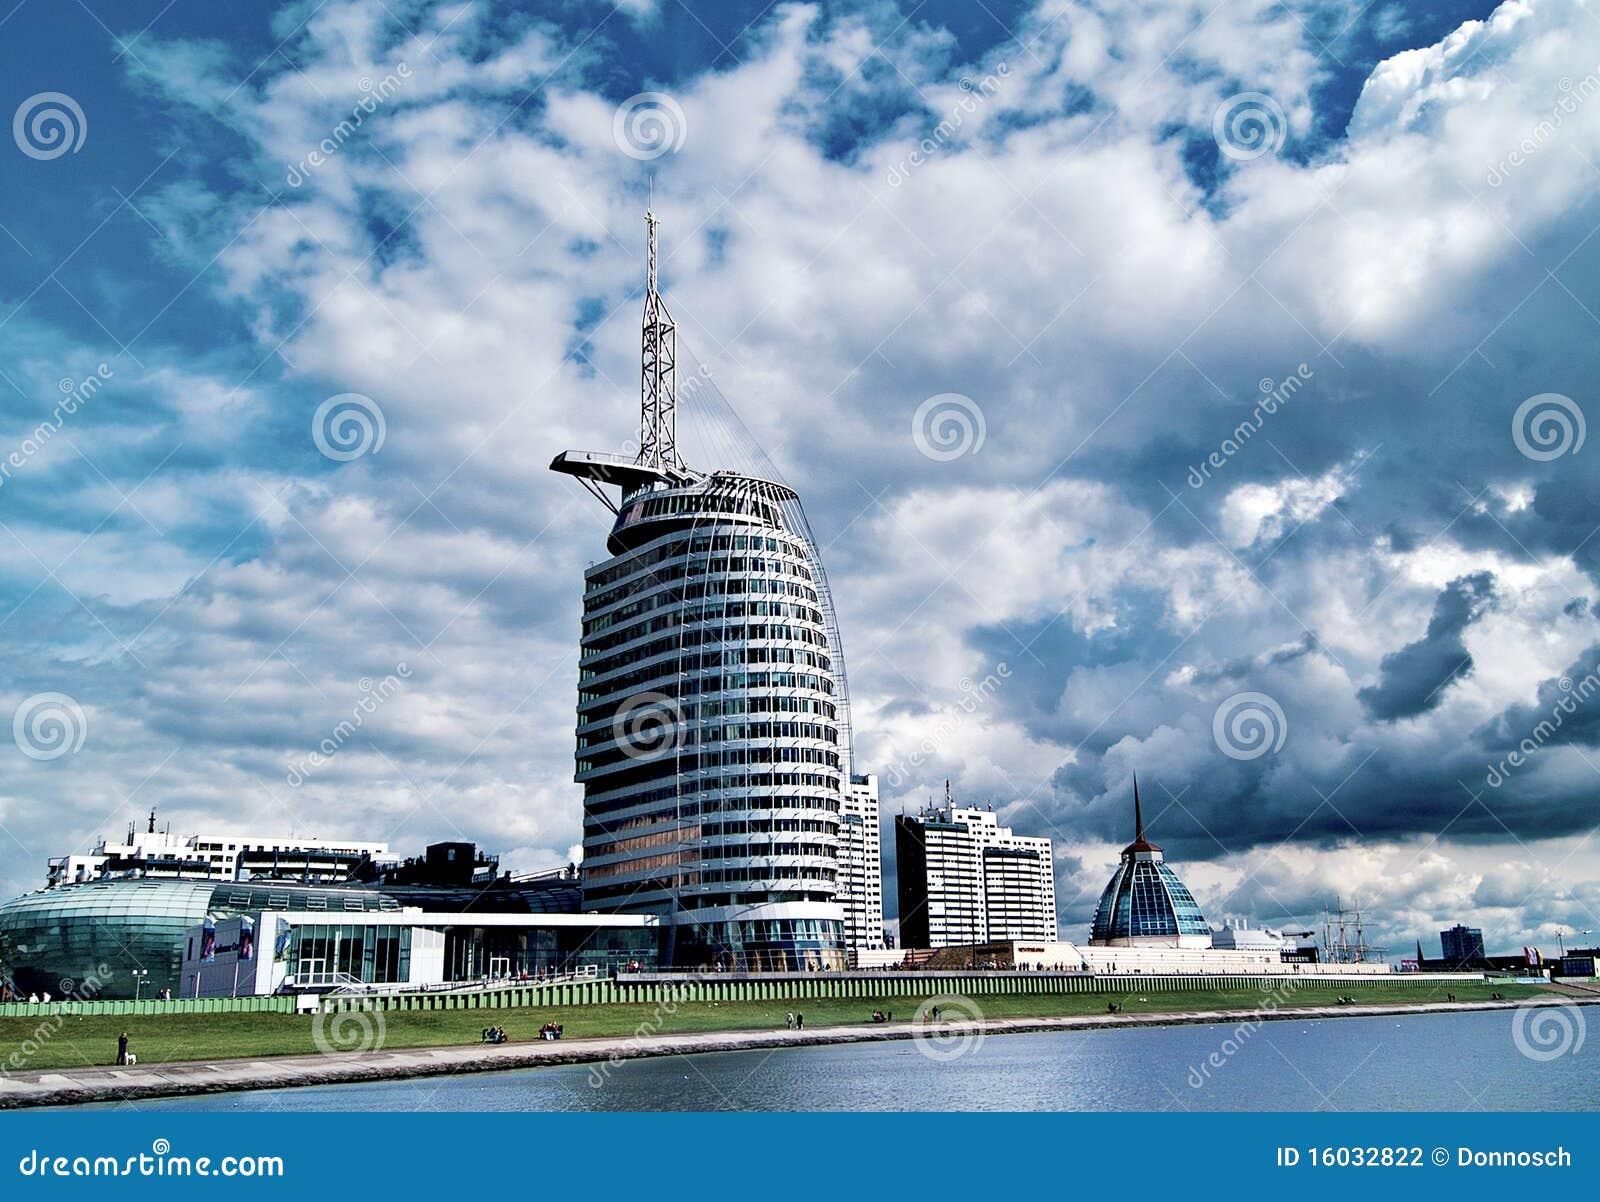 Sail city hotel bremerhaven stock photo image 16032822 for Design hotel bremerhaven